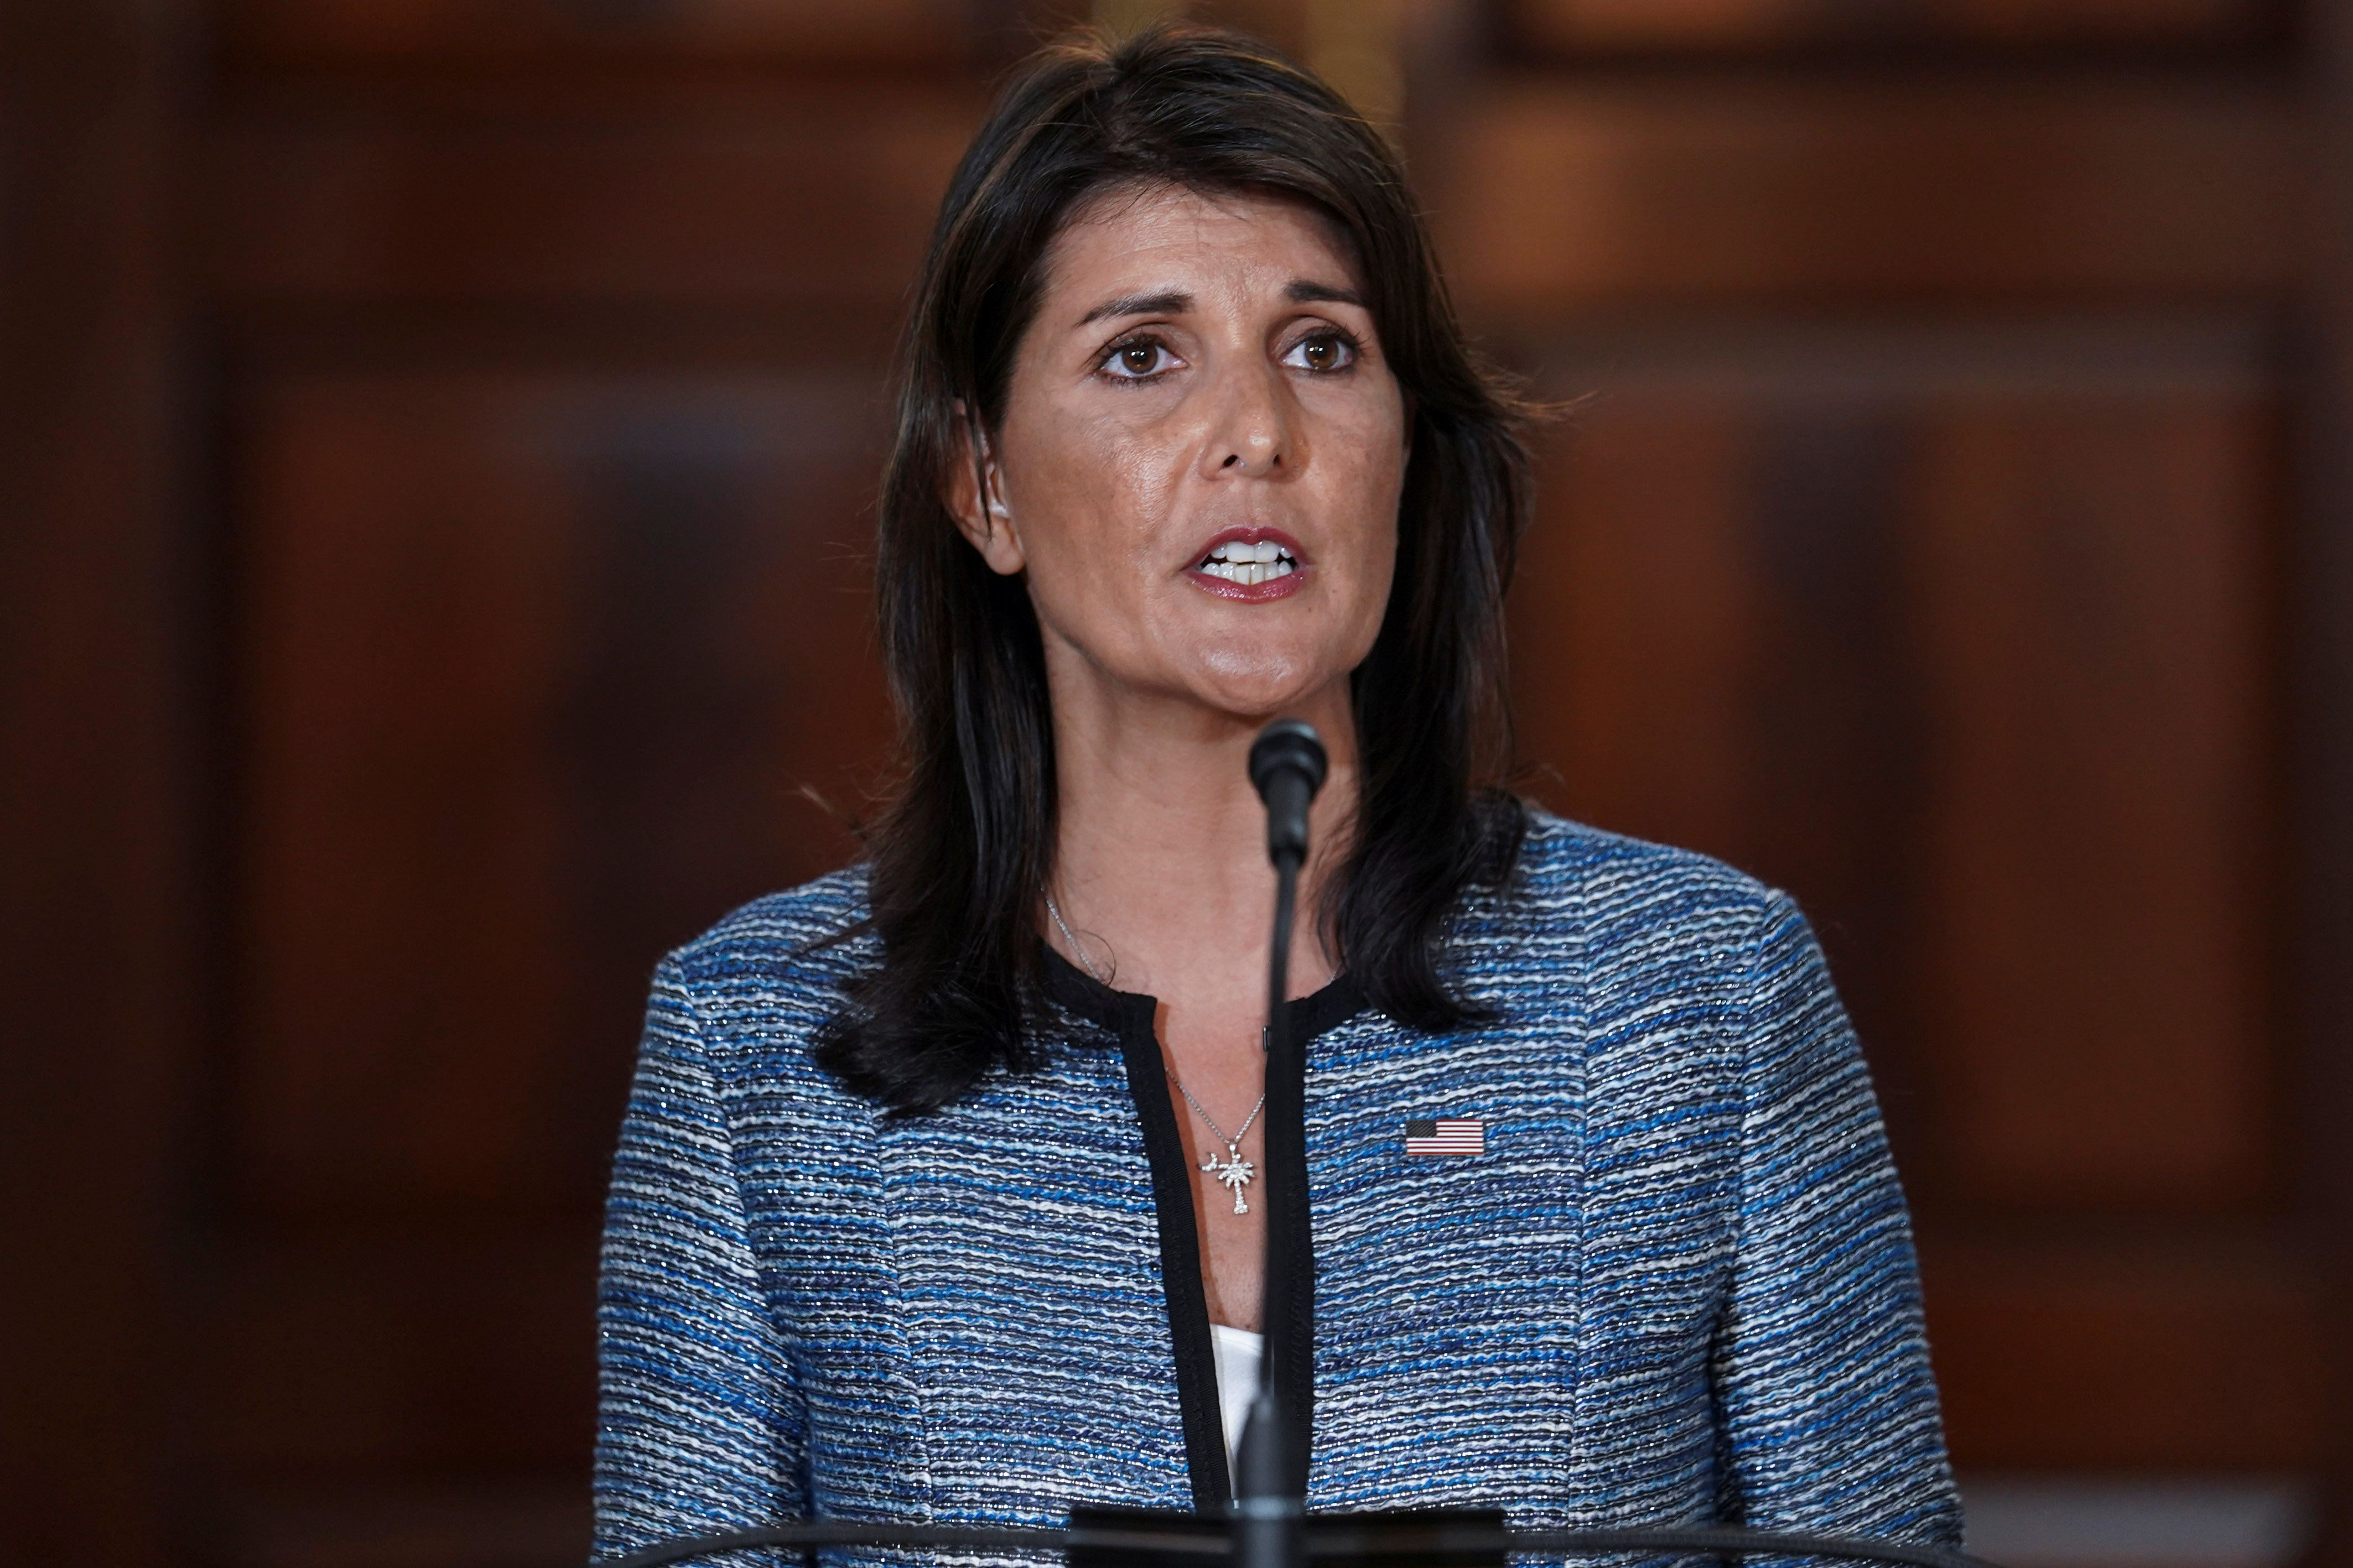 미국이 결국 유엔인권이사회에서 탈퇴했다